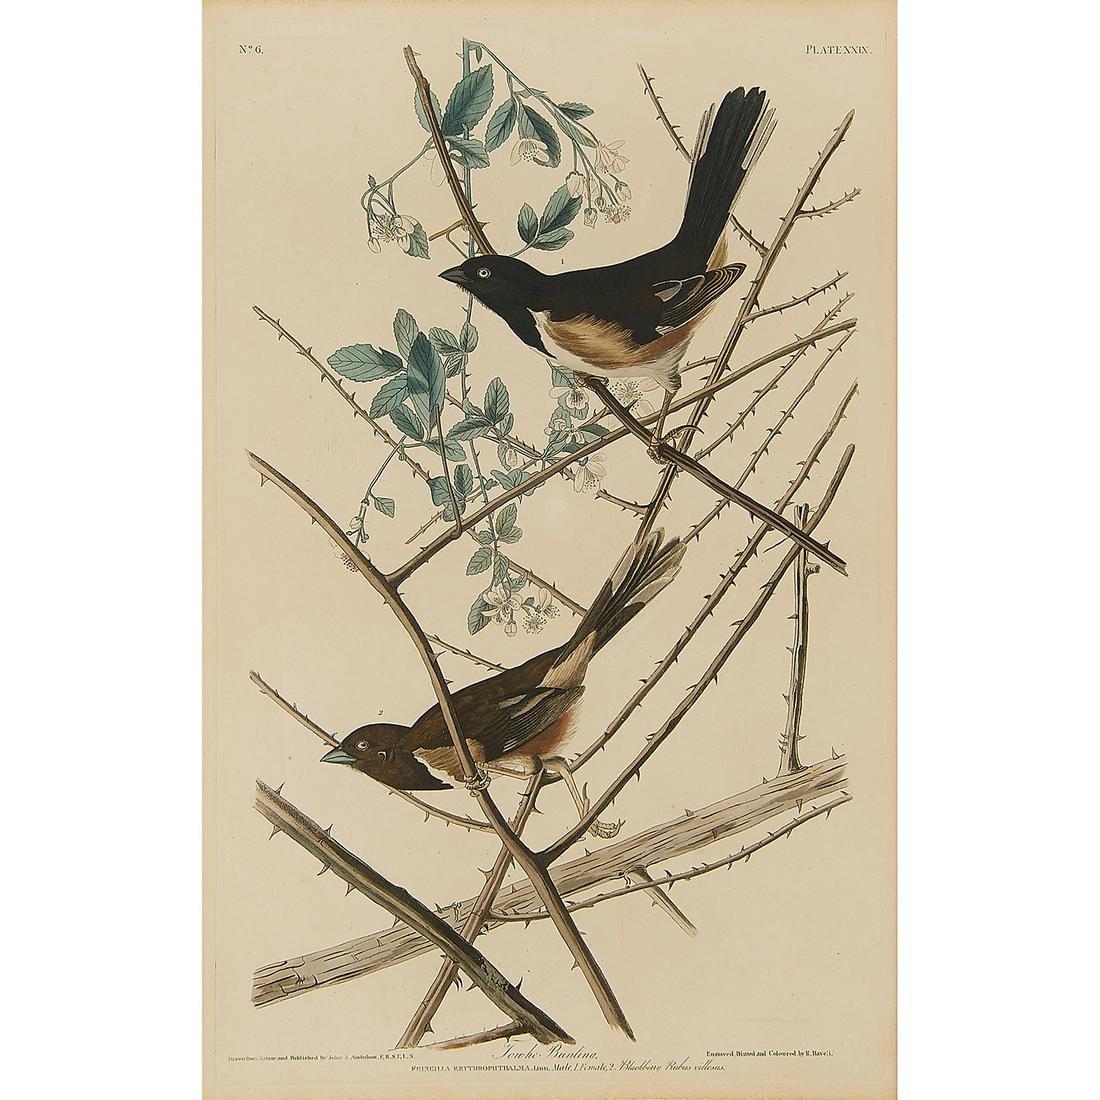 After John James Audubon, Towhee Bunting